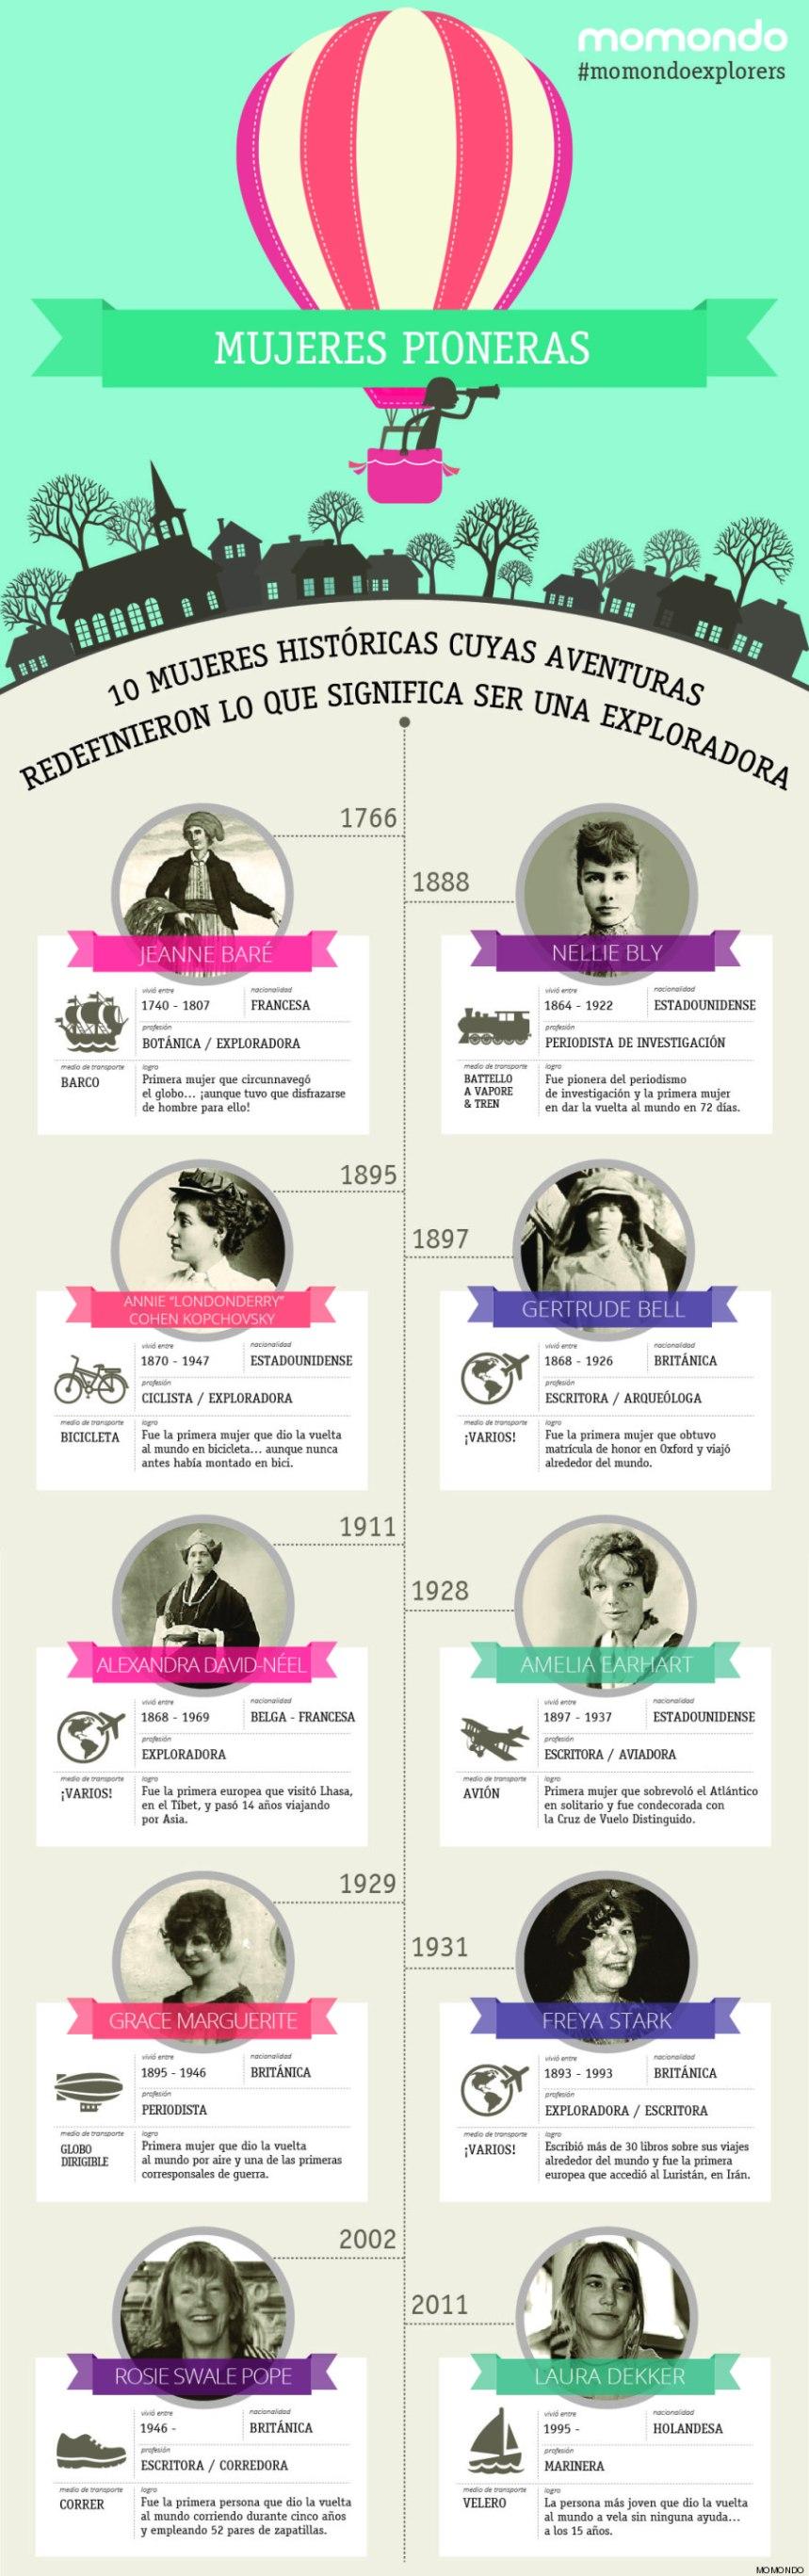 10 mujeres pioneras